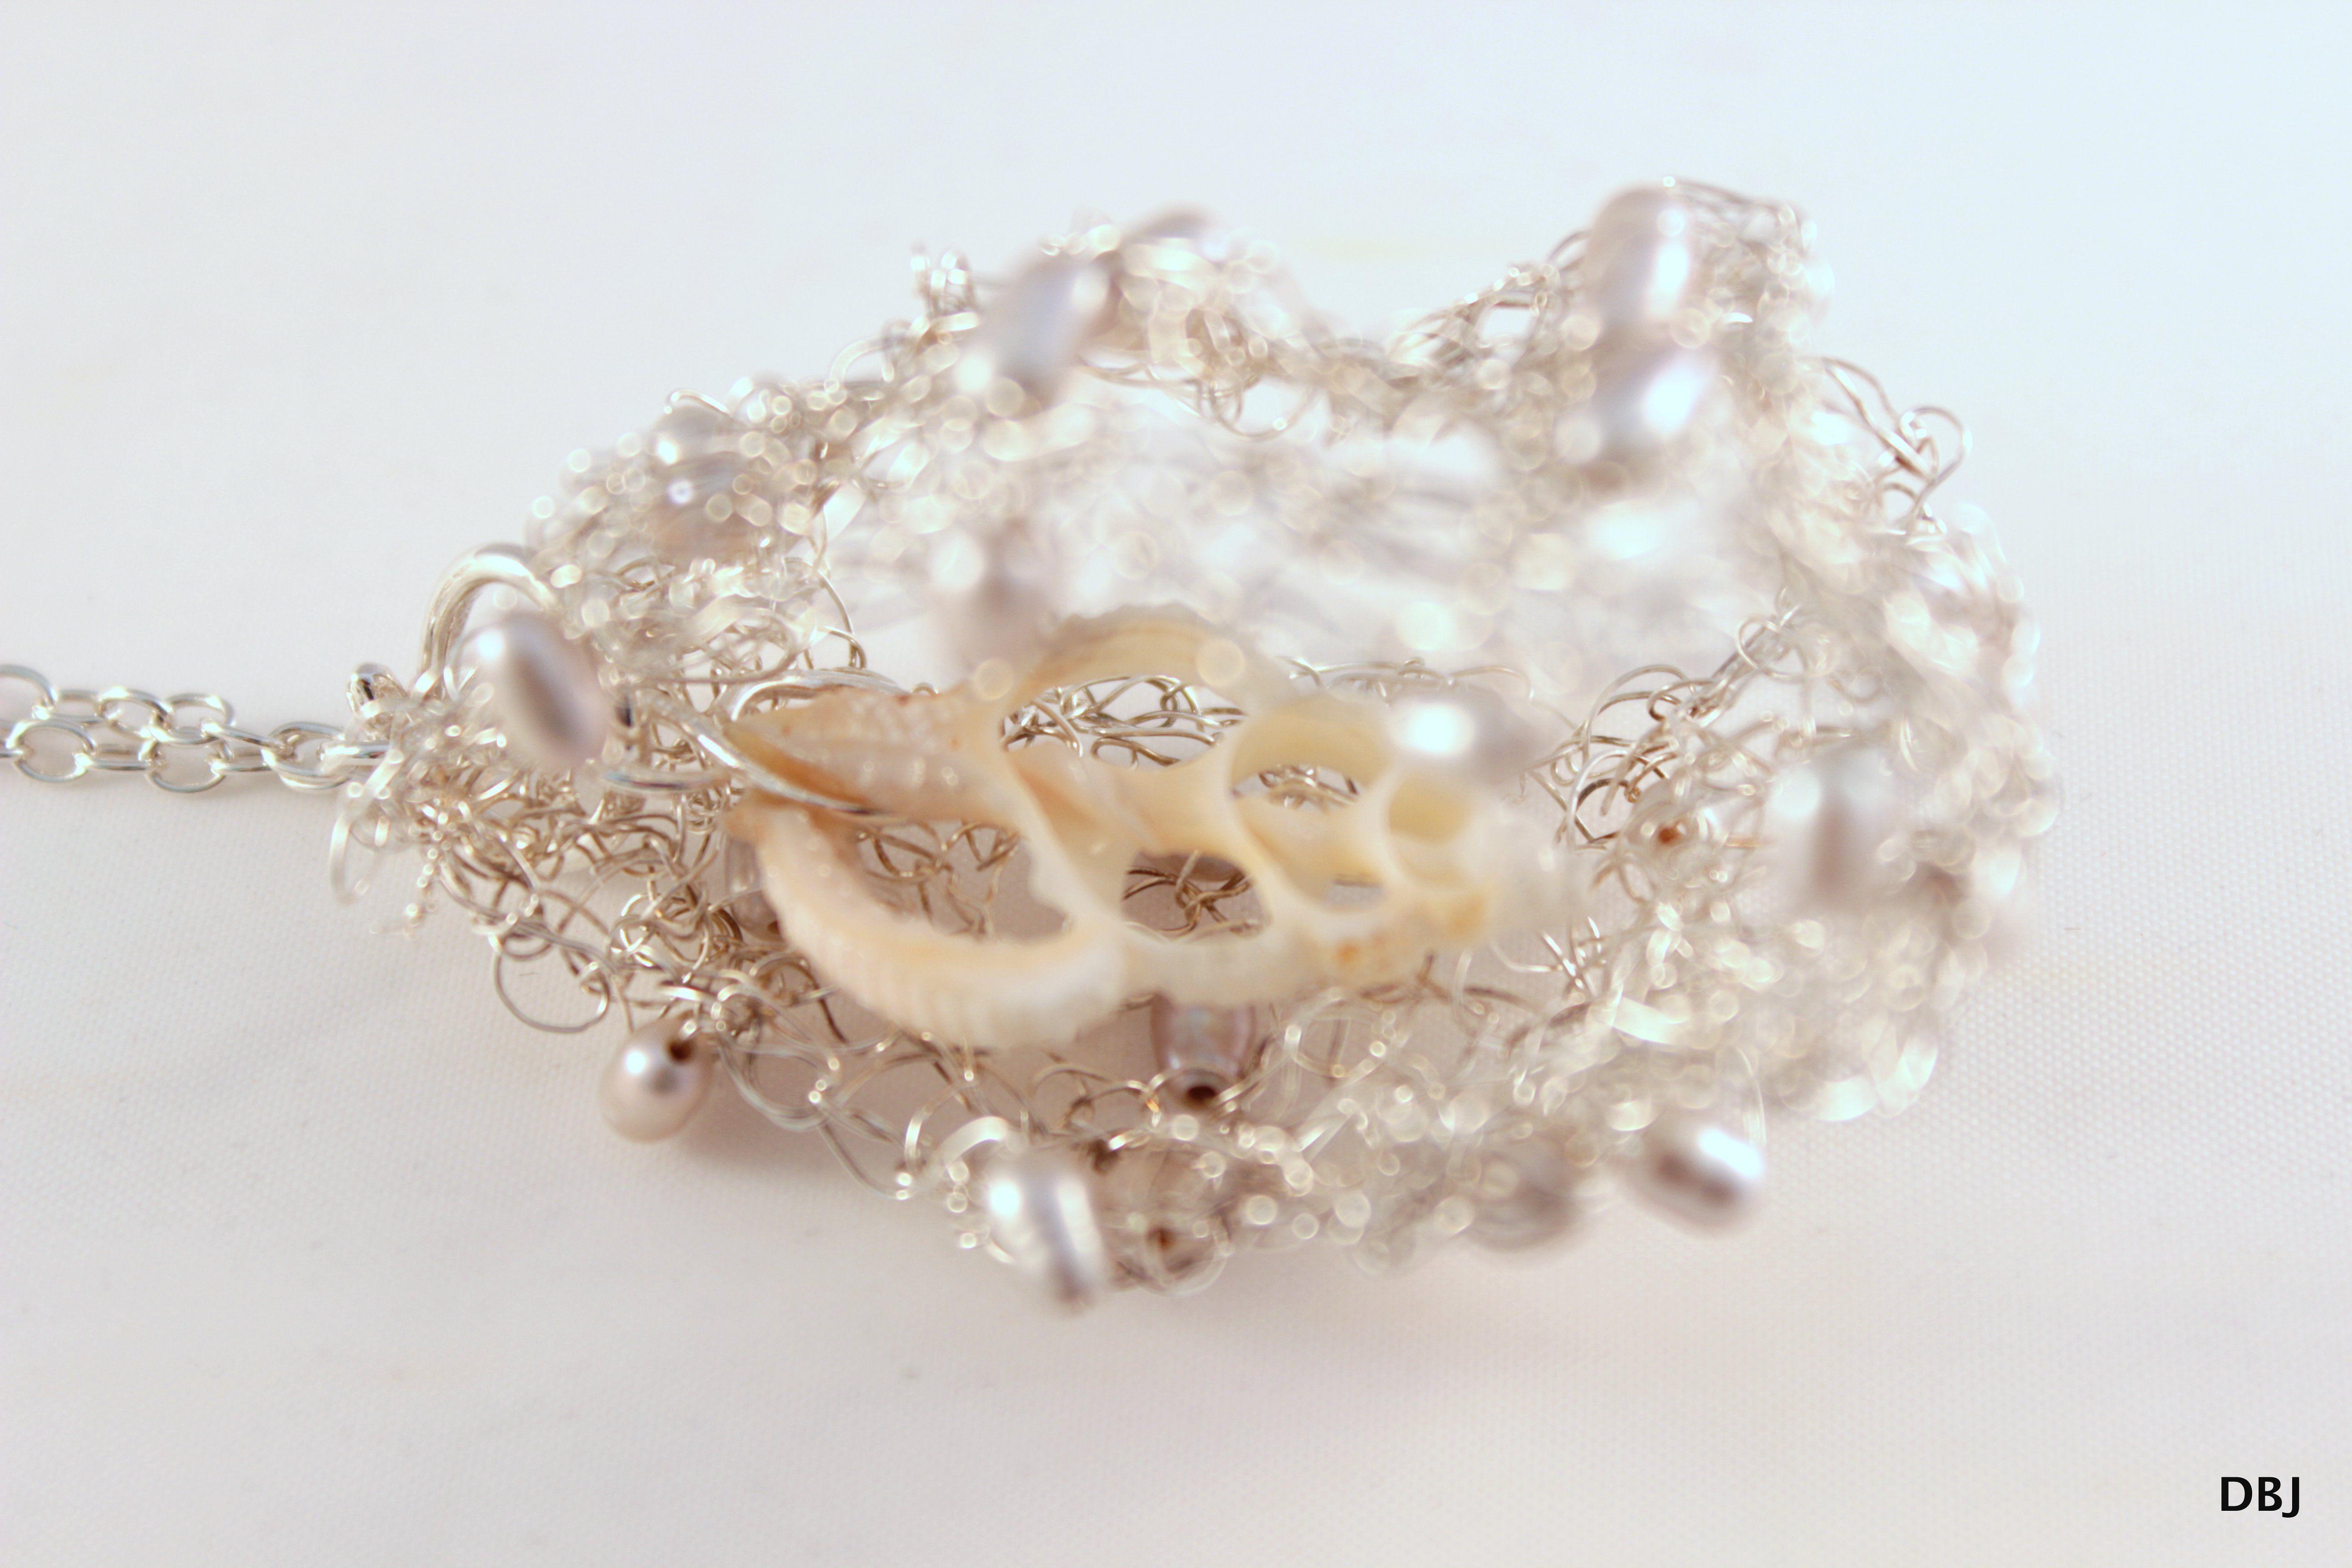 hanger van gehaakt zilverdraad met zoetwaterpareltjes en een schelp - diana buitink jewelry -